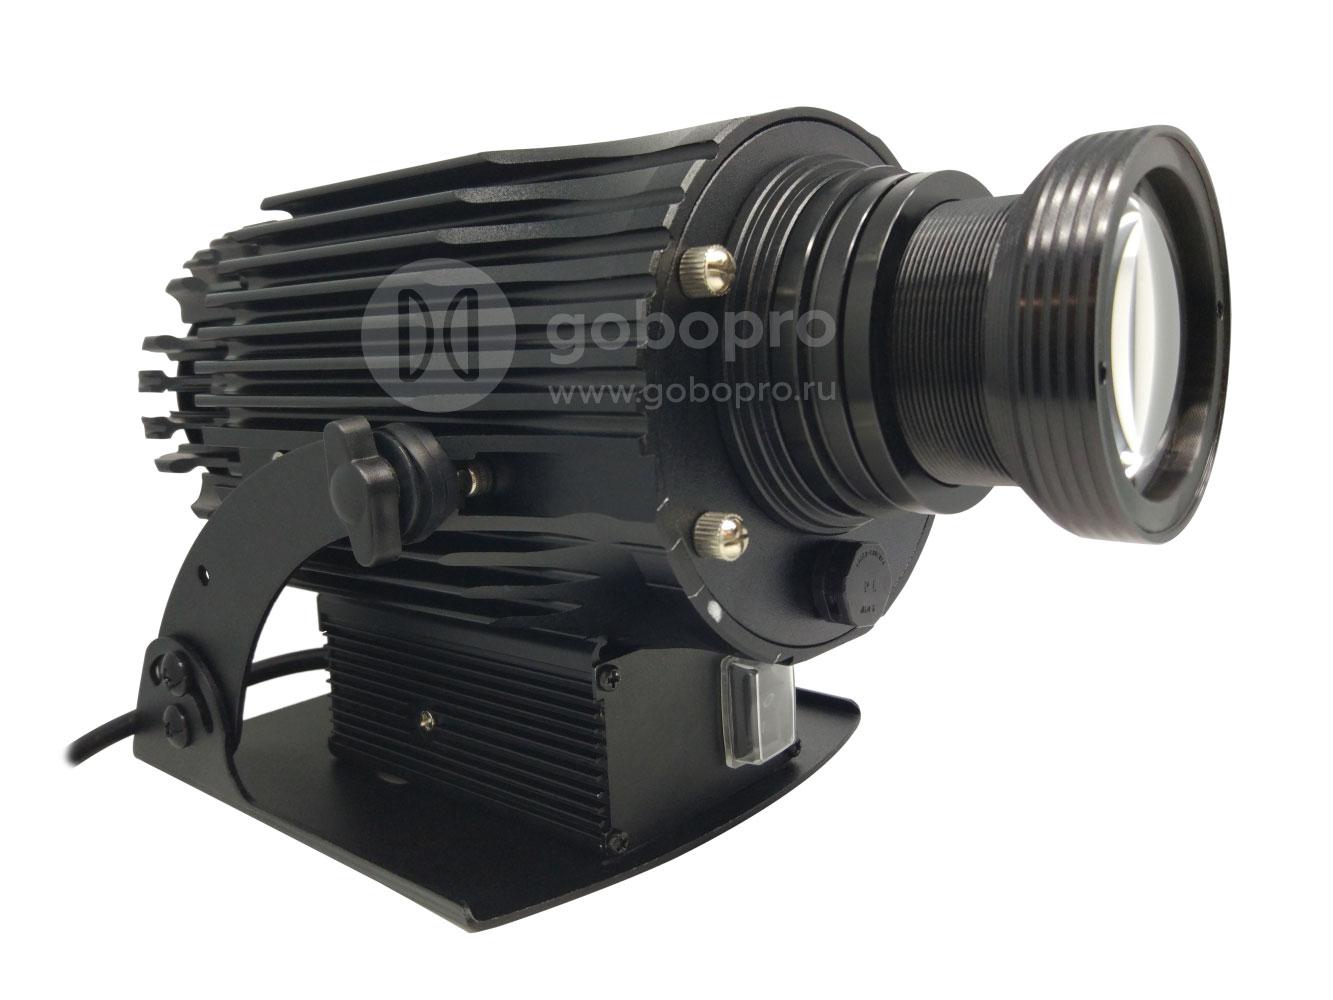 Gobo проектор GoboPro GBP-8004